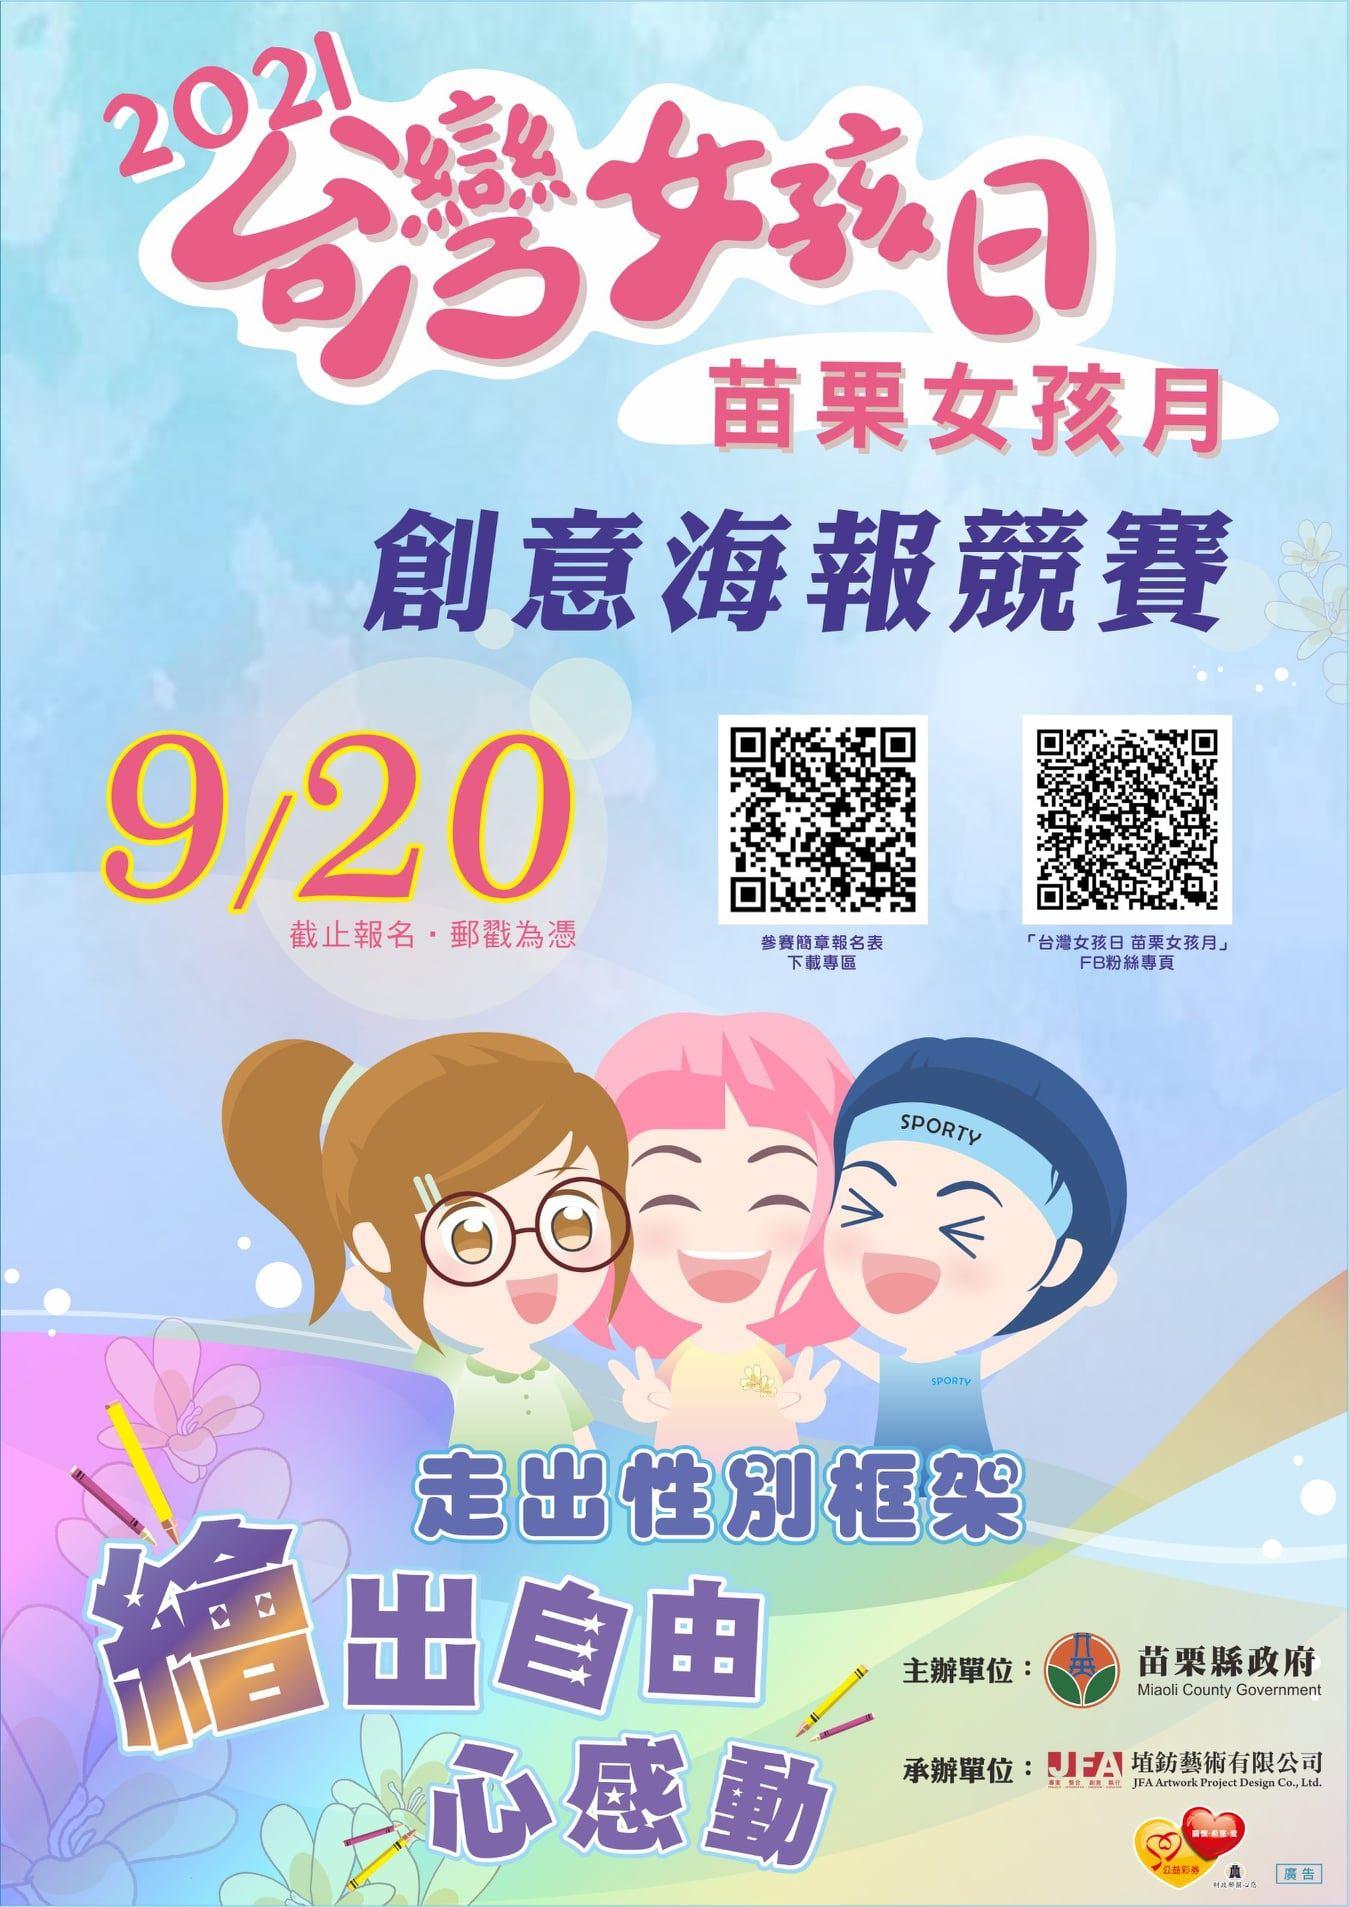 「台灣女孩日 苗栗女孩月」創意海報競賽DM